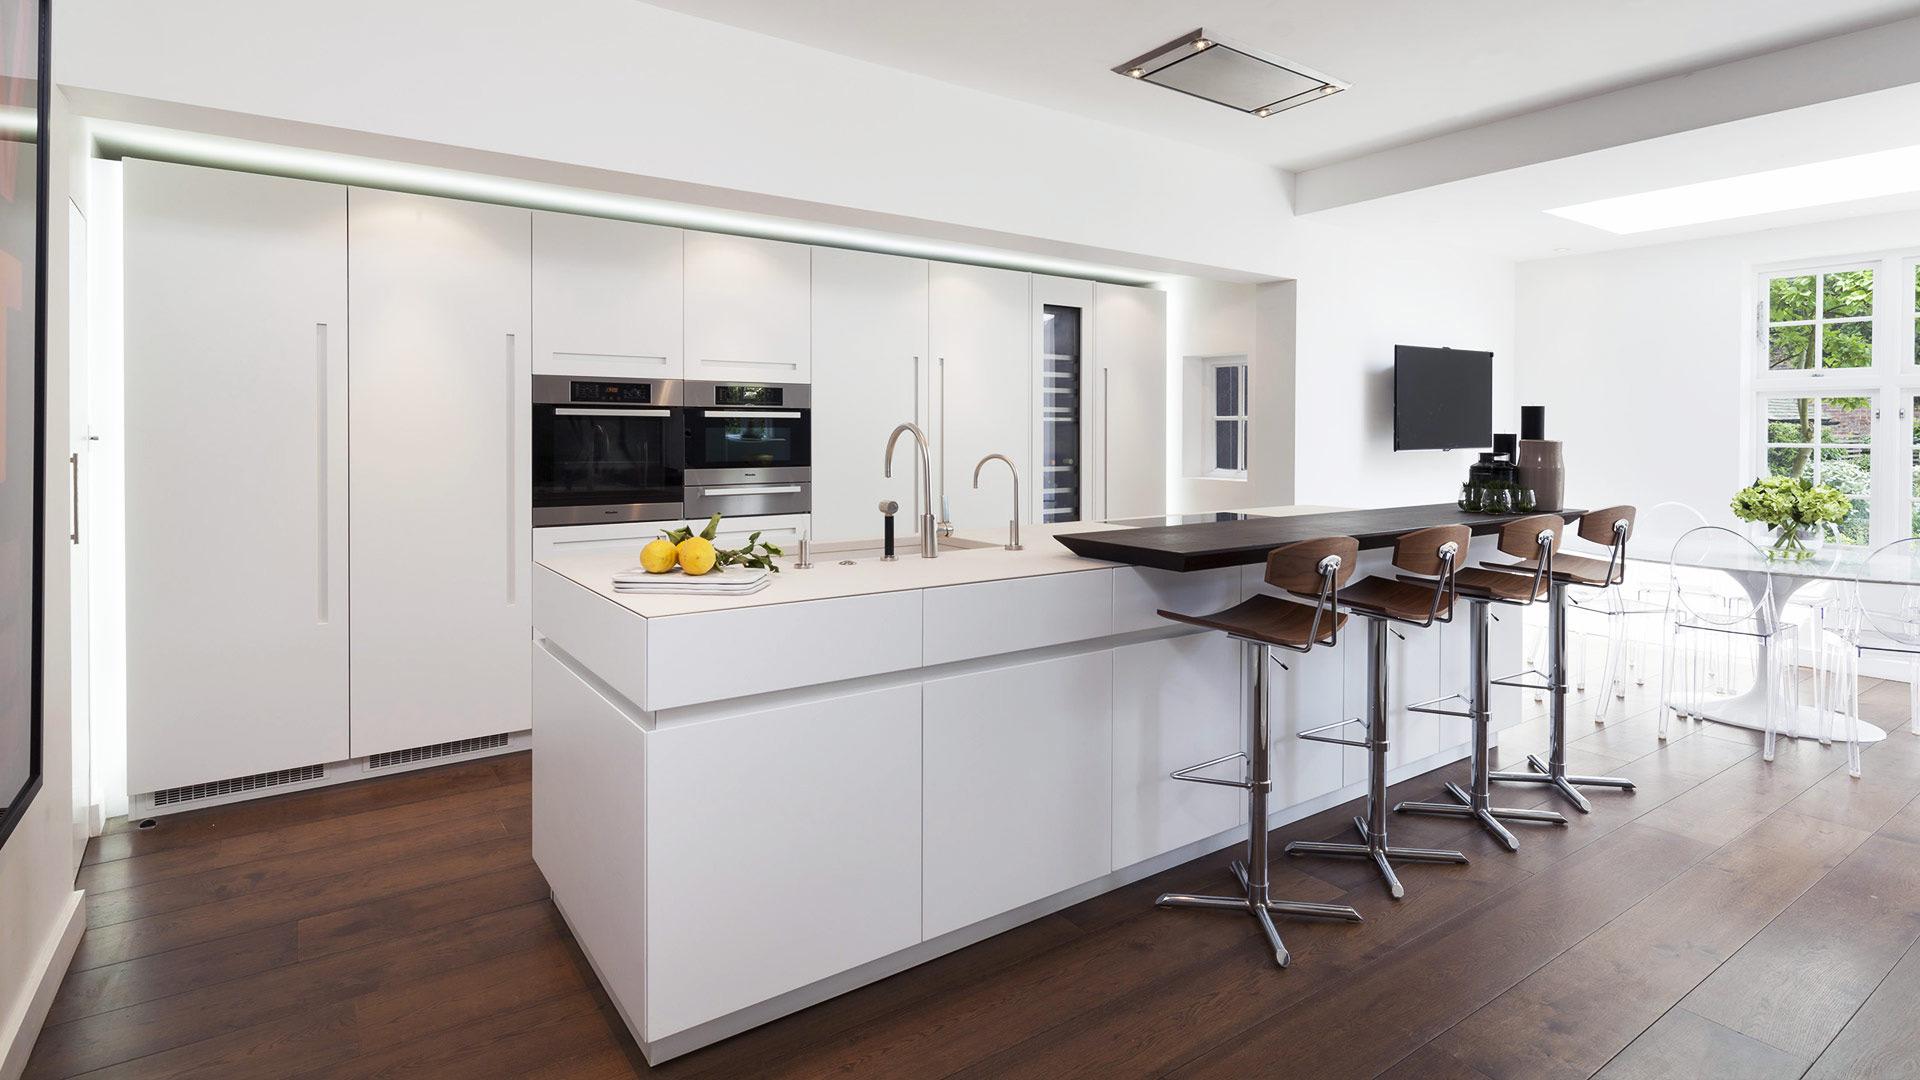 Cucina Con Isola Centrale Con Top In Quarzo #687C4F 1920 1080 Piano Top Cucina Su Misura